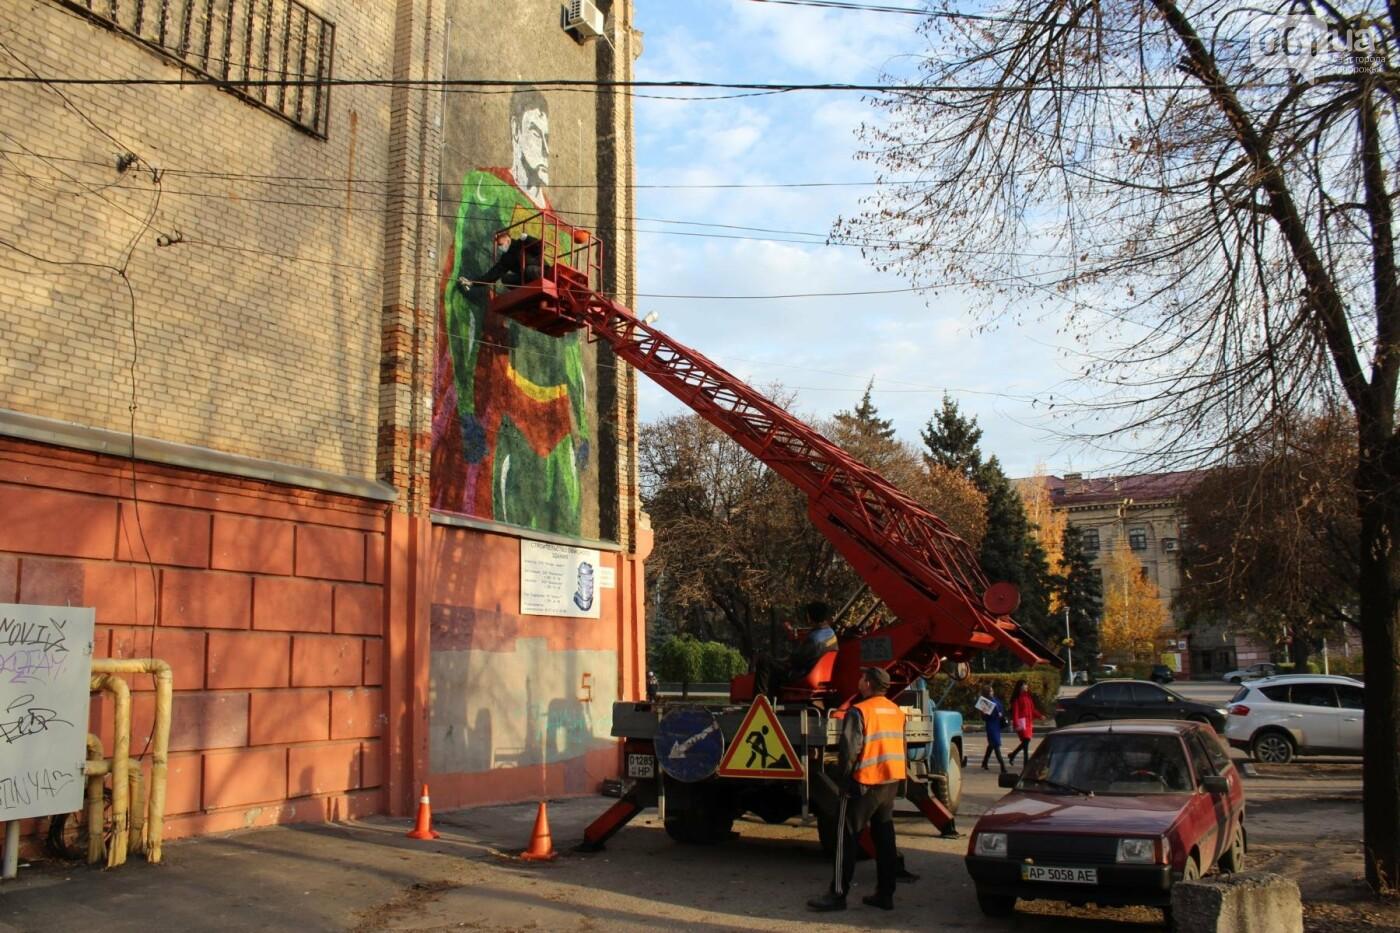 В студгородке создали огромный мурал с запорожским суперменом, — ФОТОРЕПОРТАЖ, фото-7